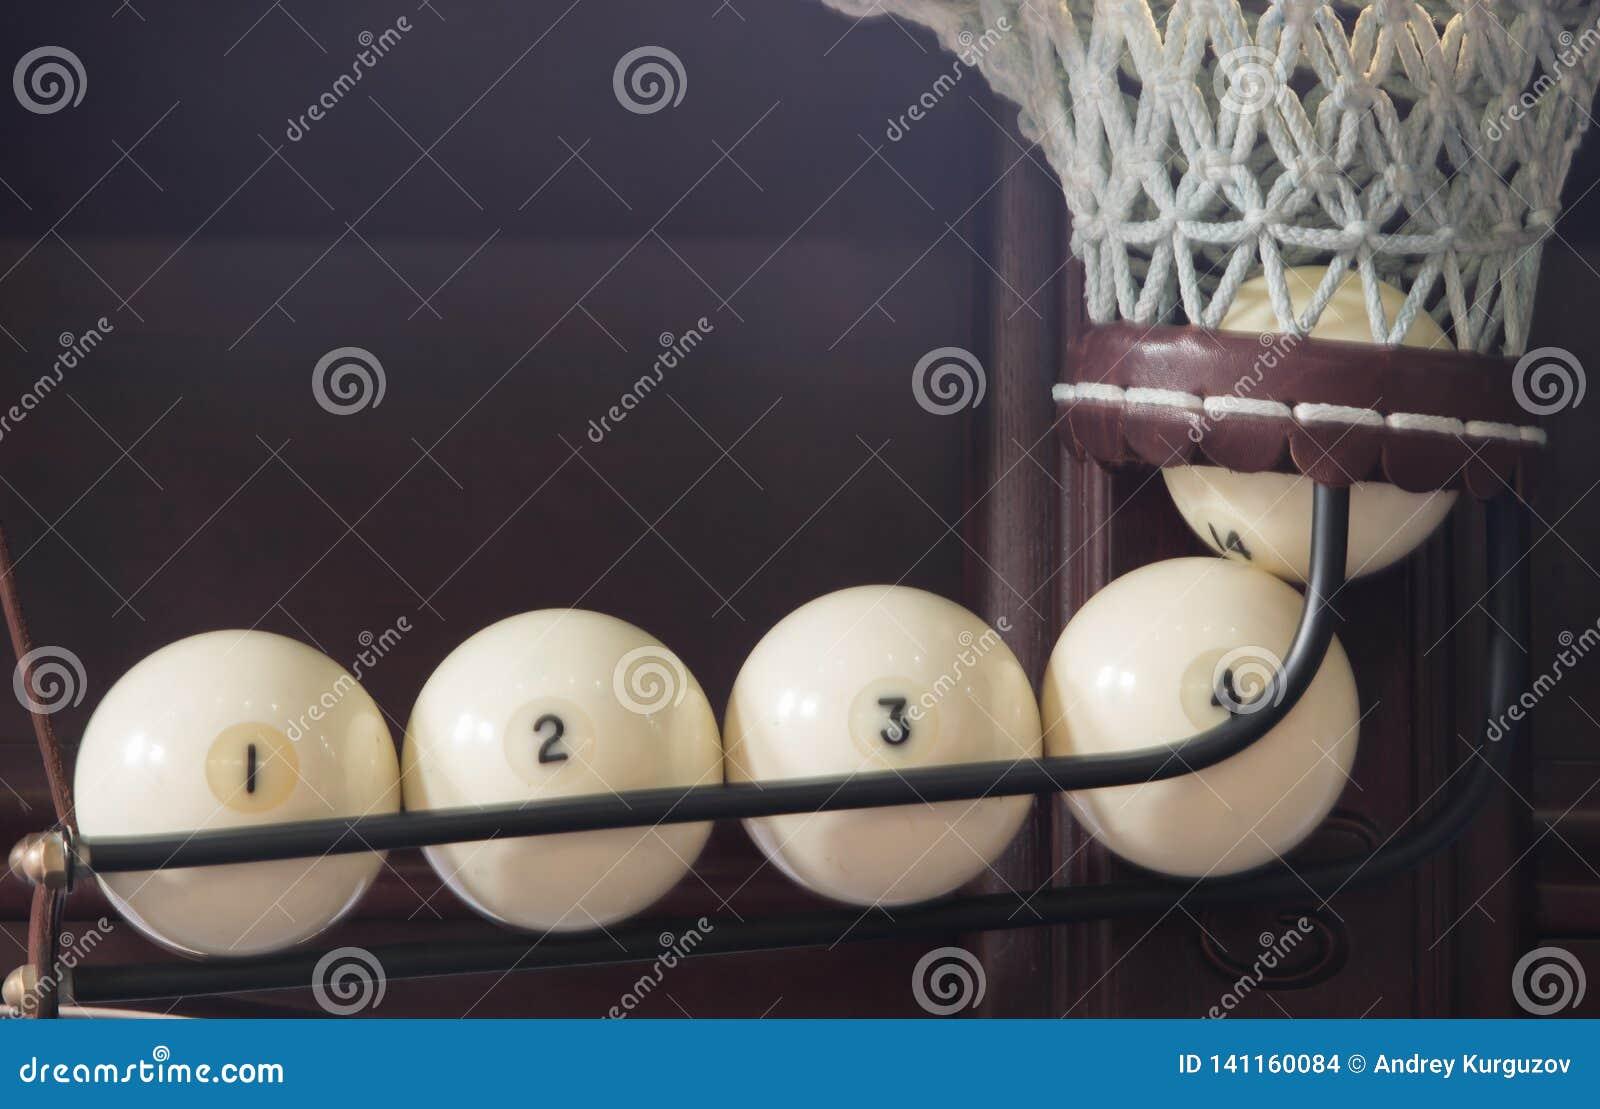 Quatro bolas no bolso, marcado em ordem, close-up